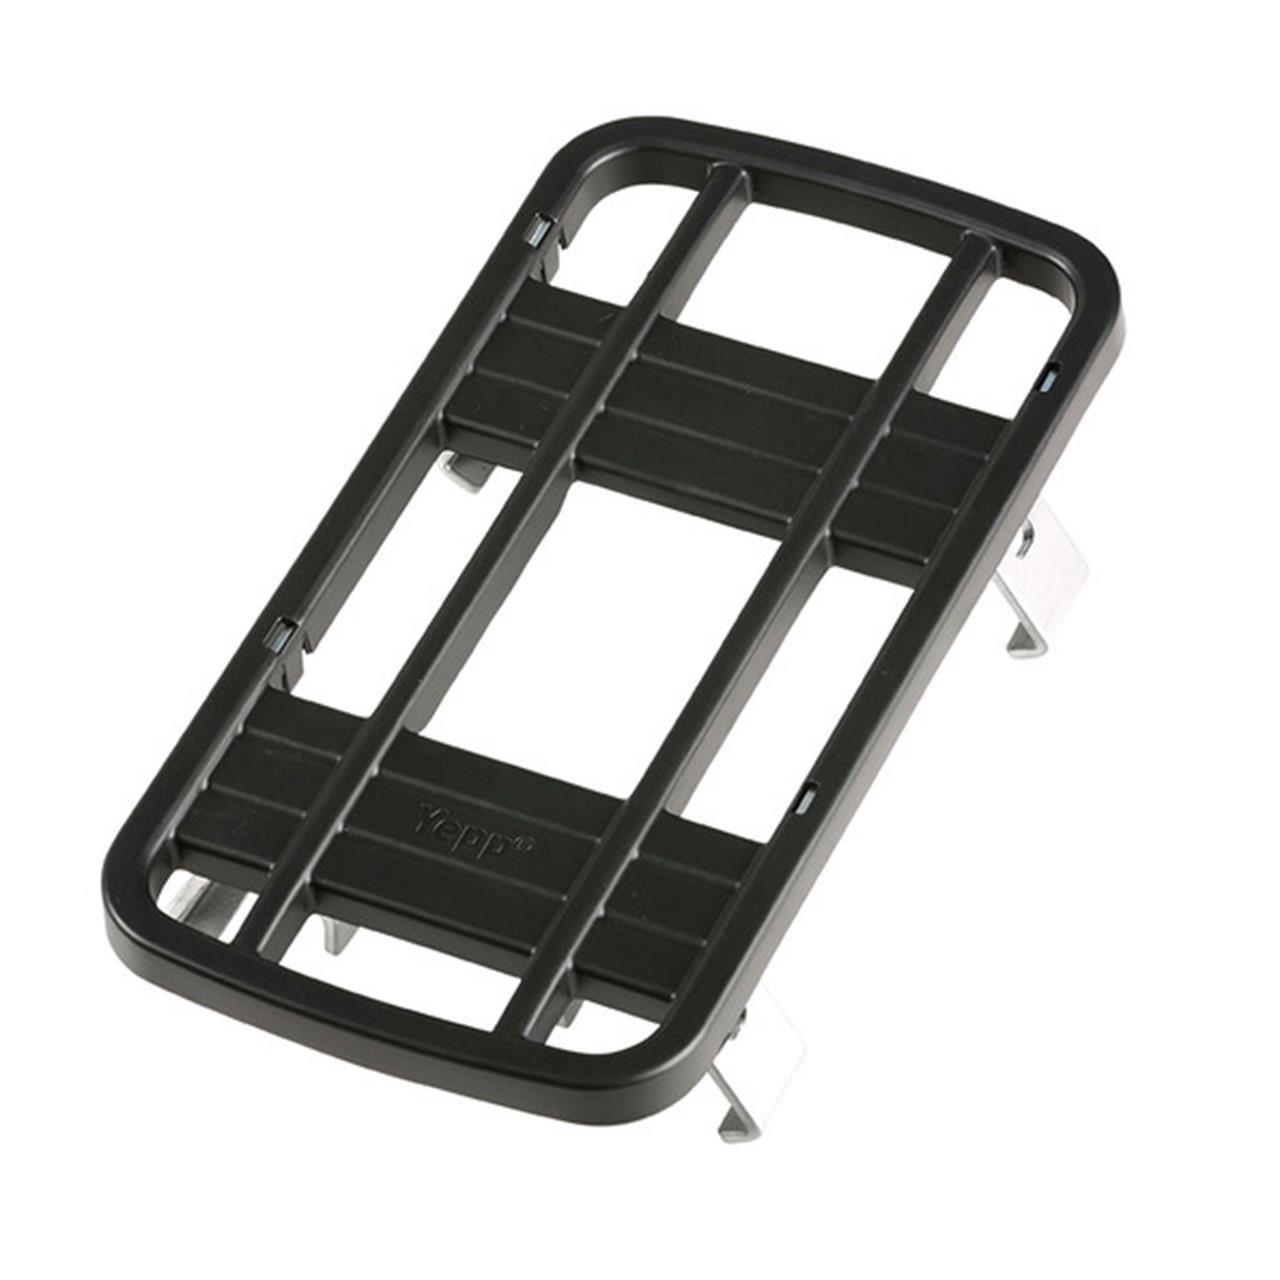 Accesoriu pentru instalare rapida, a scaunului, pe bicicleta Thule Yepp Maxi EasyFit Adapter negru imagine